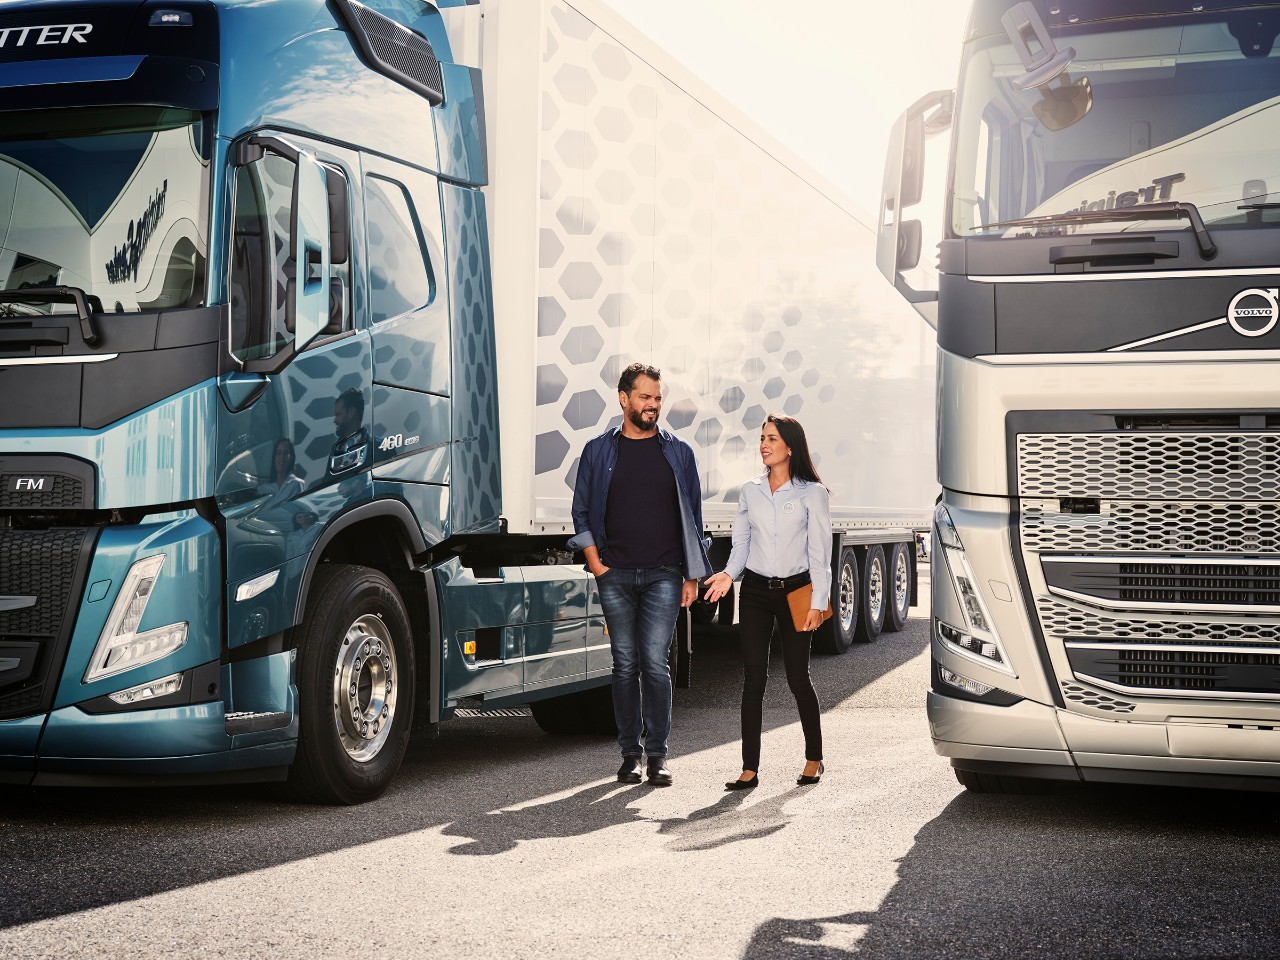 Truck services - met uw bedrijf als uitgangspunt